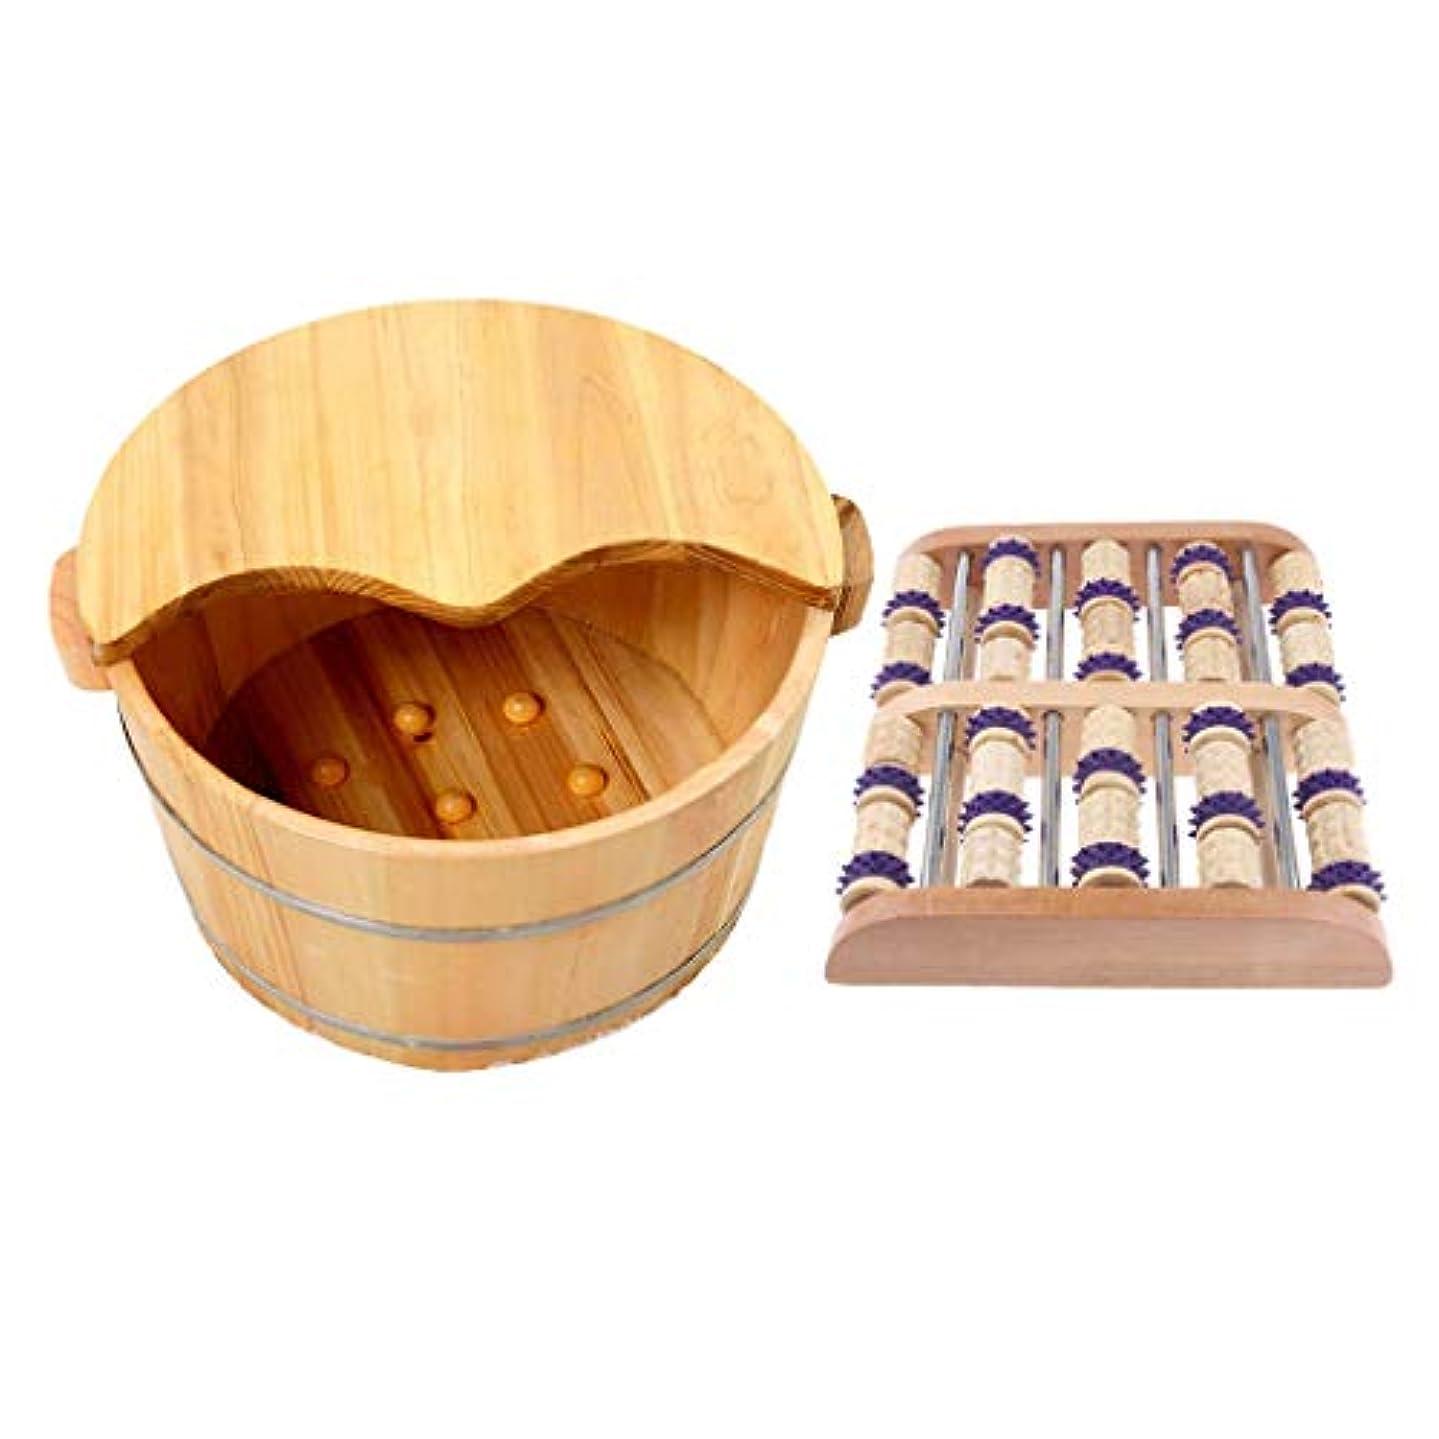 新しい意味モック傷つけるgazechimp 足つぼ マット マッサージフット 手作りウッド タイトステッチ 足裏 ツボ押健康木製の足の洗面台付き